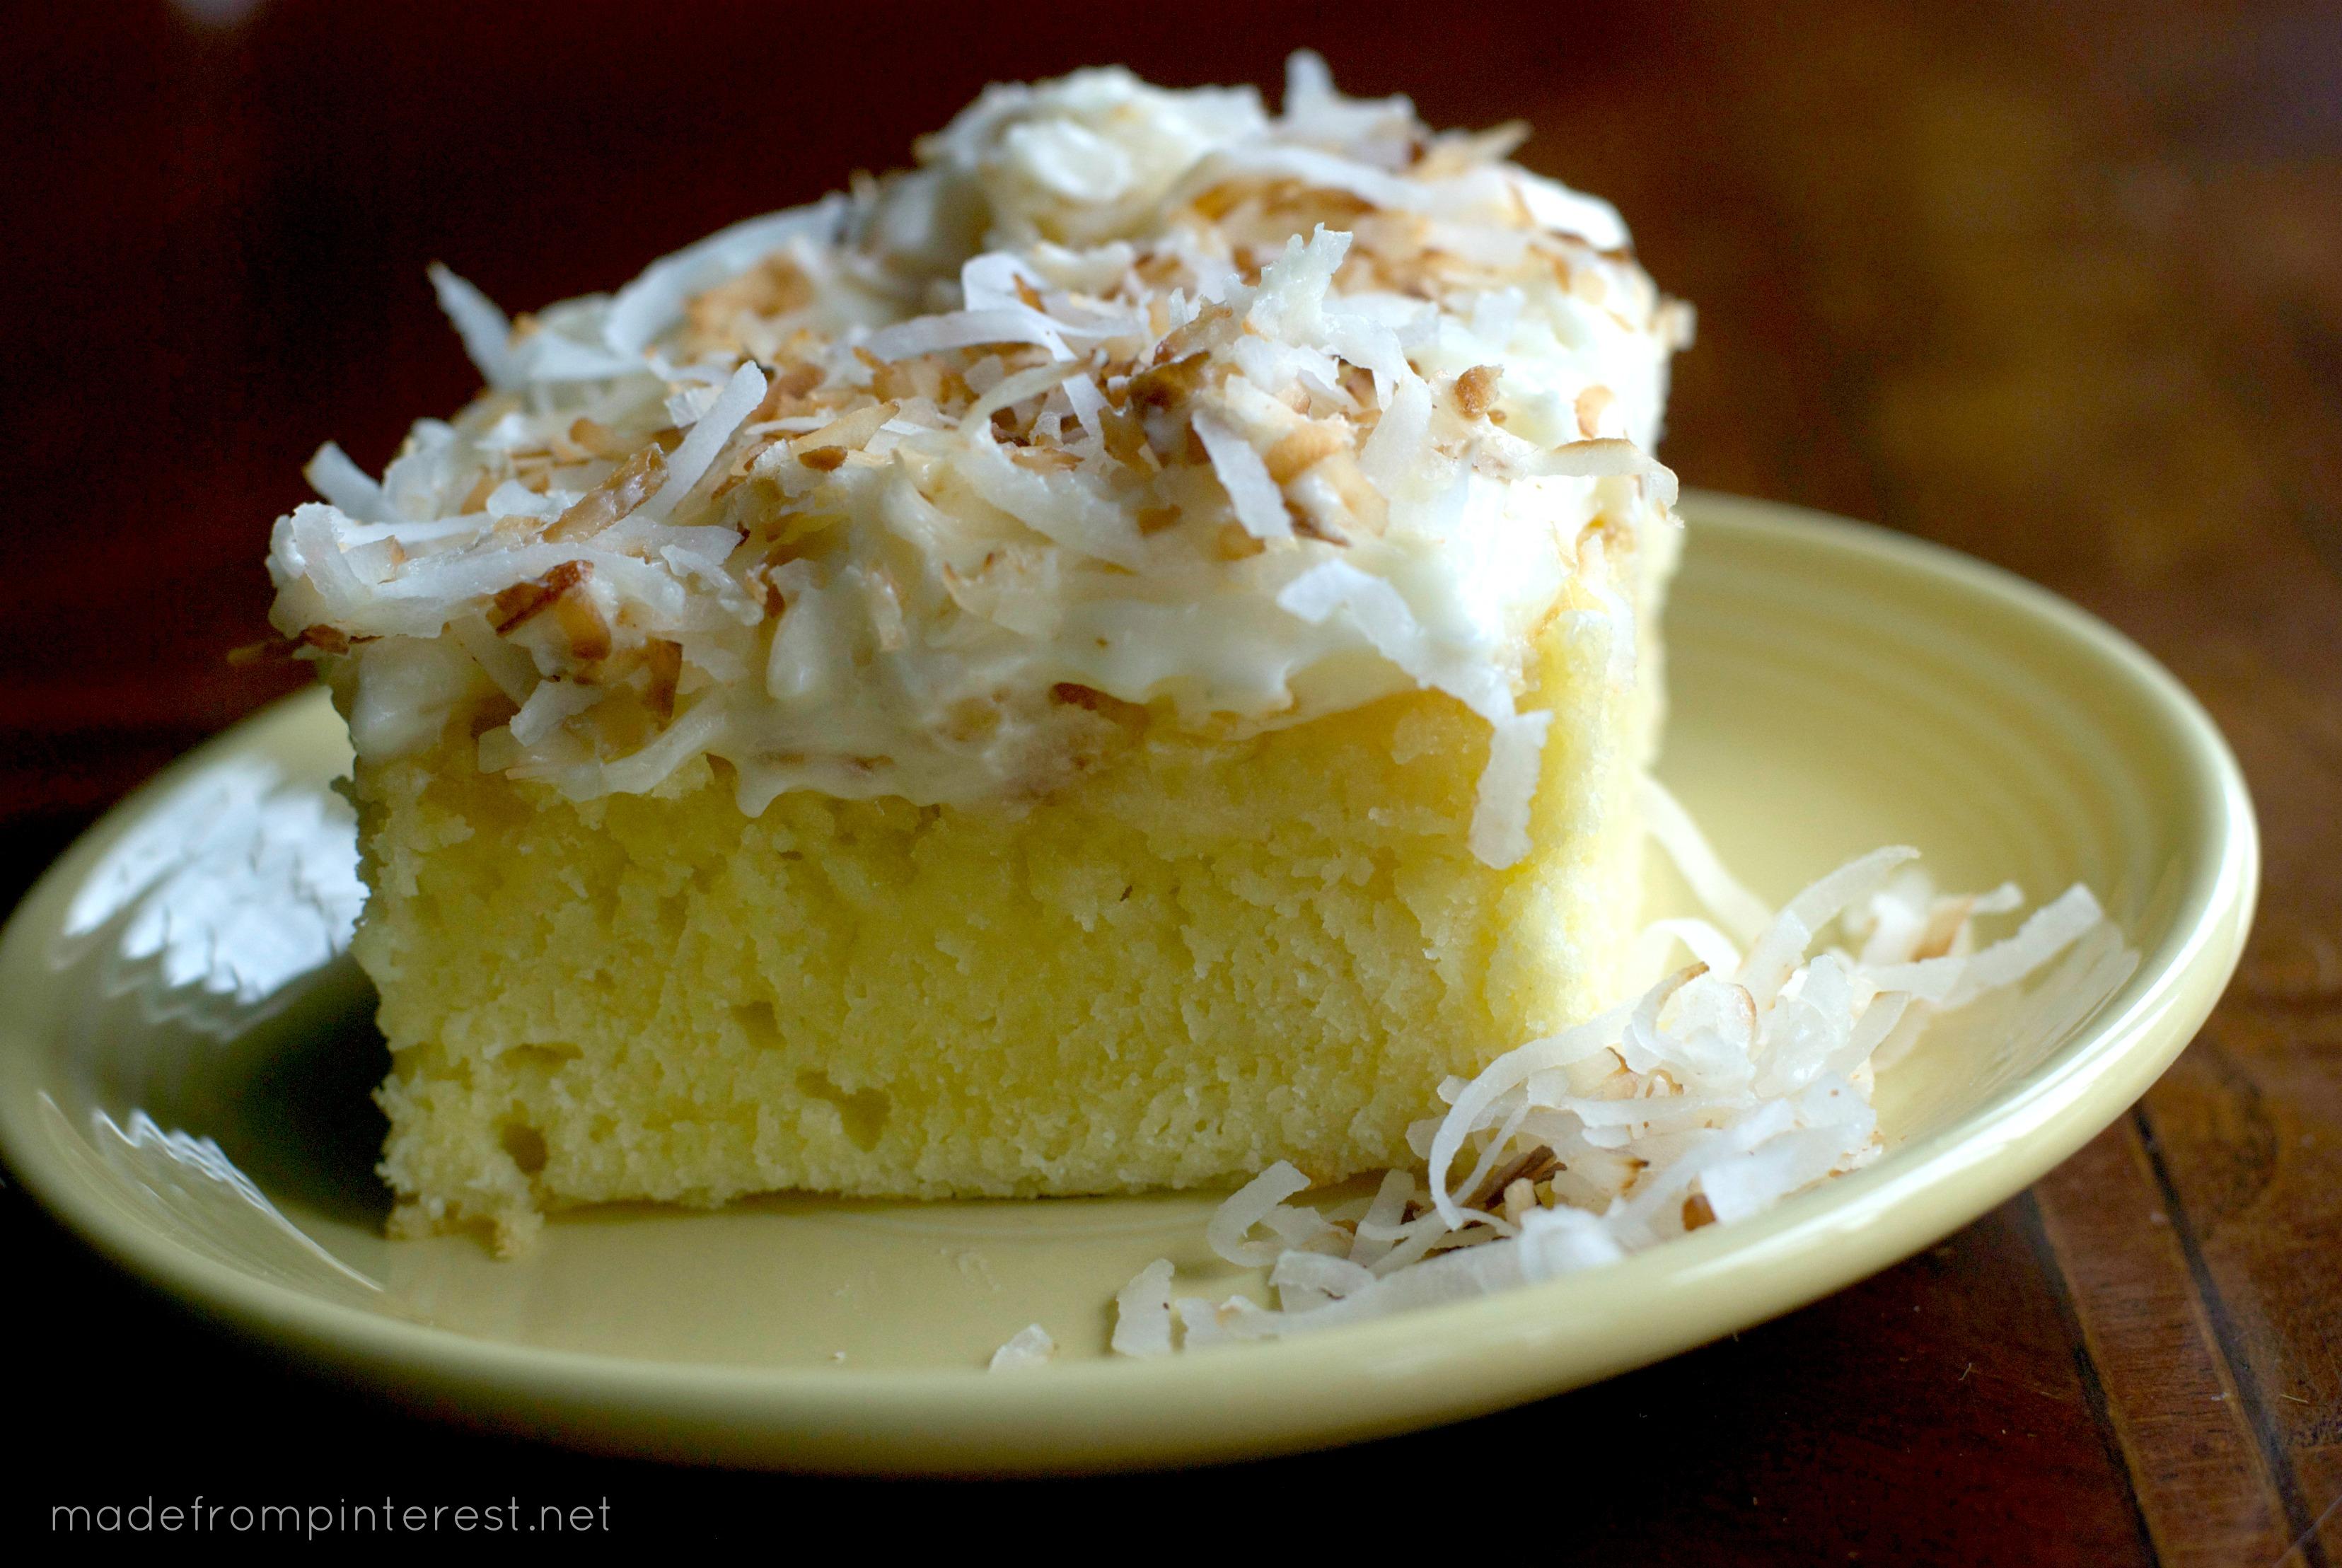 Coconut Cream Cheese Cake. Coconut heaven!